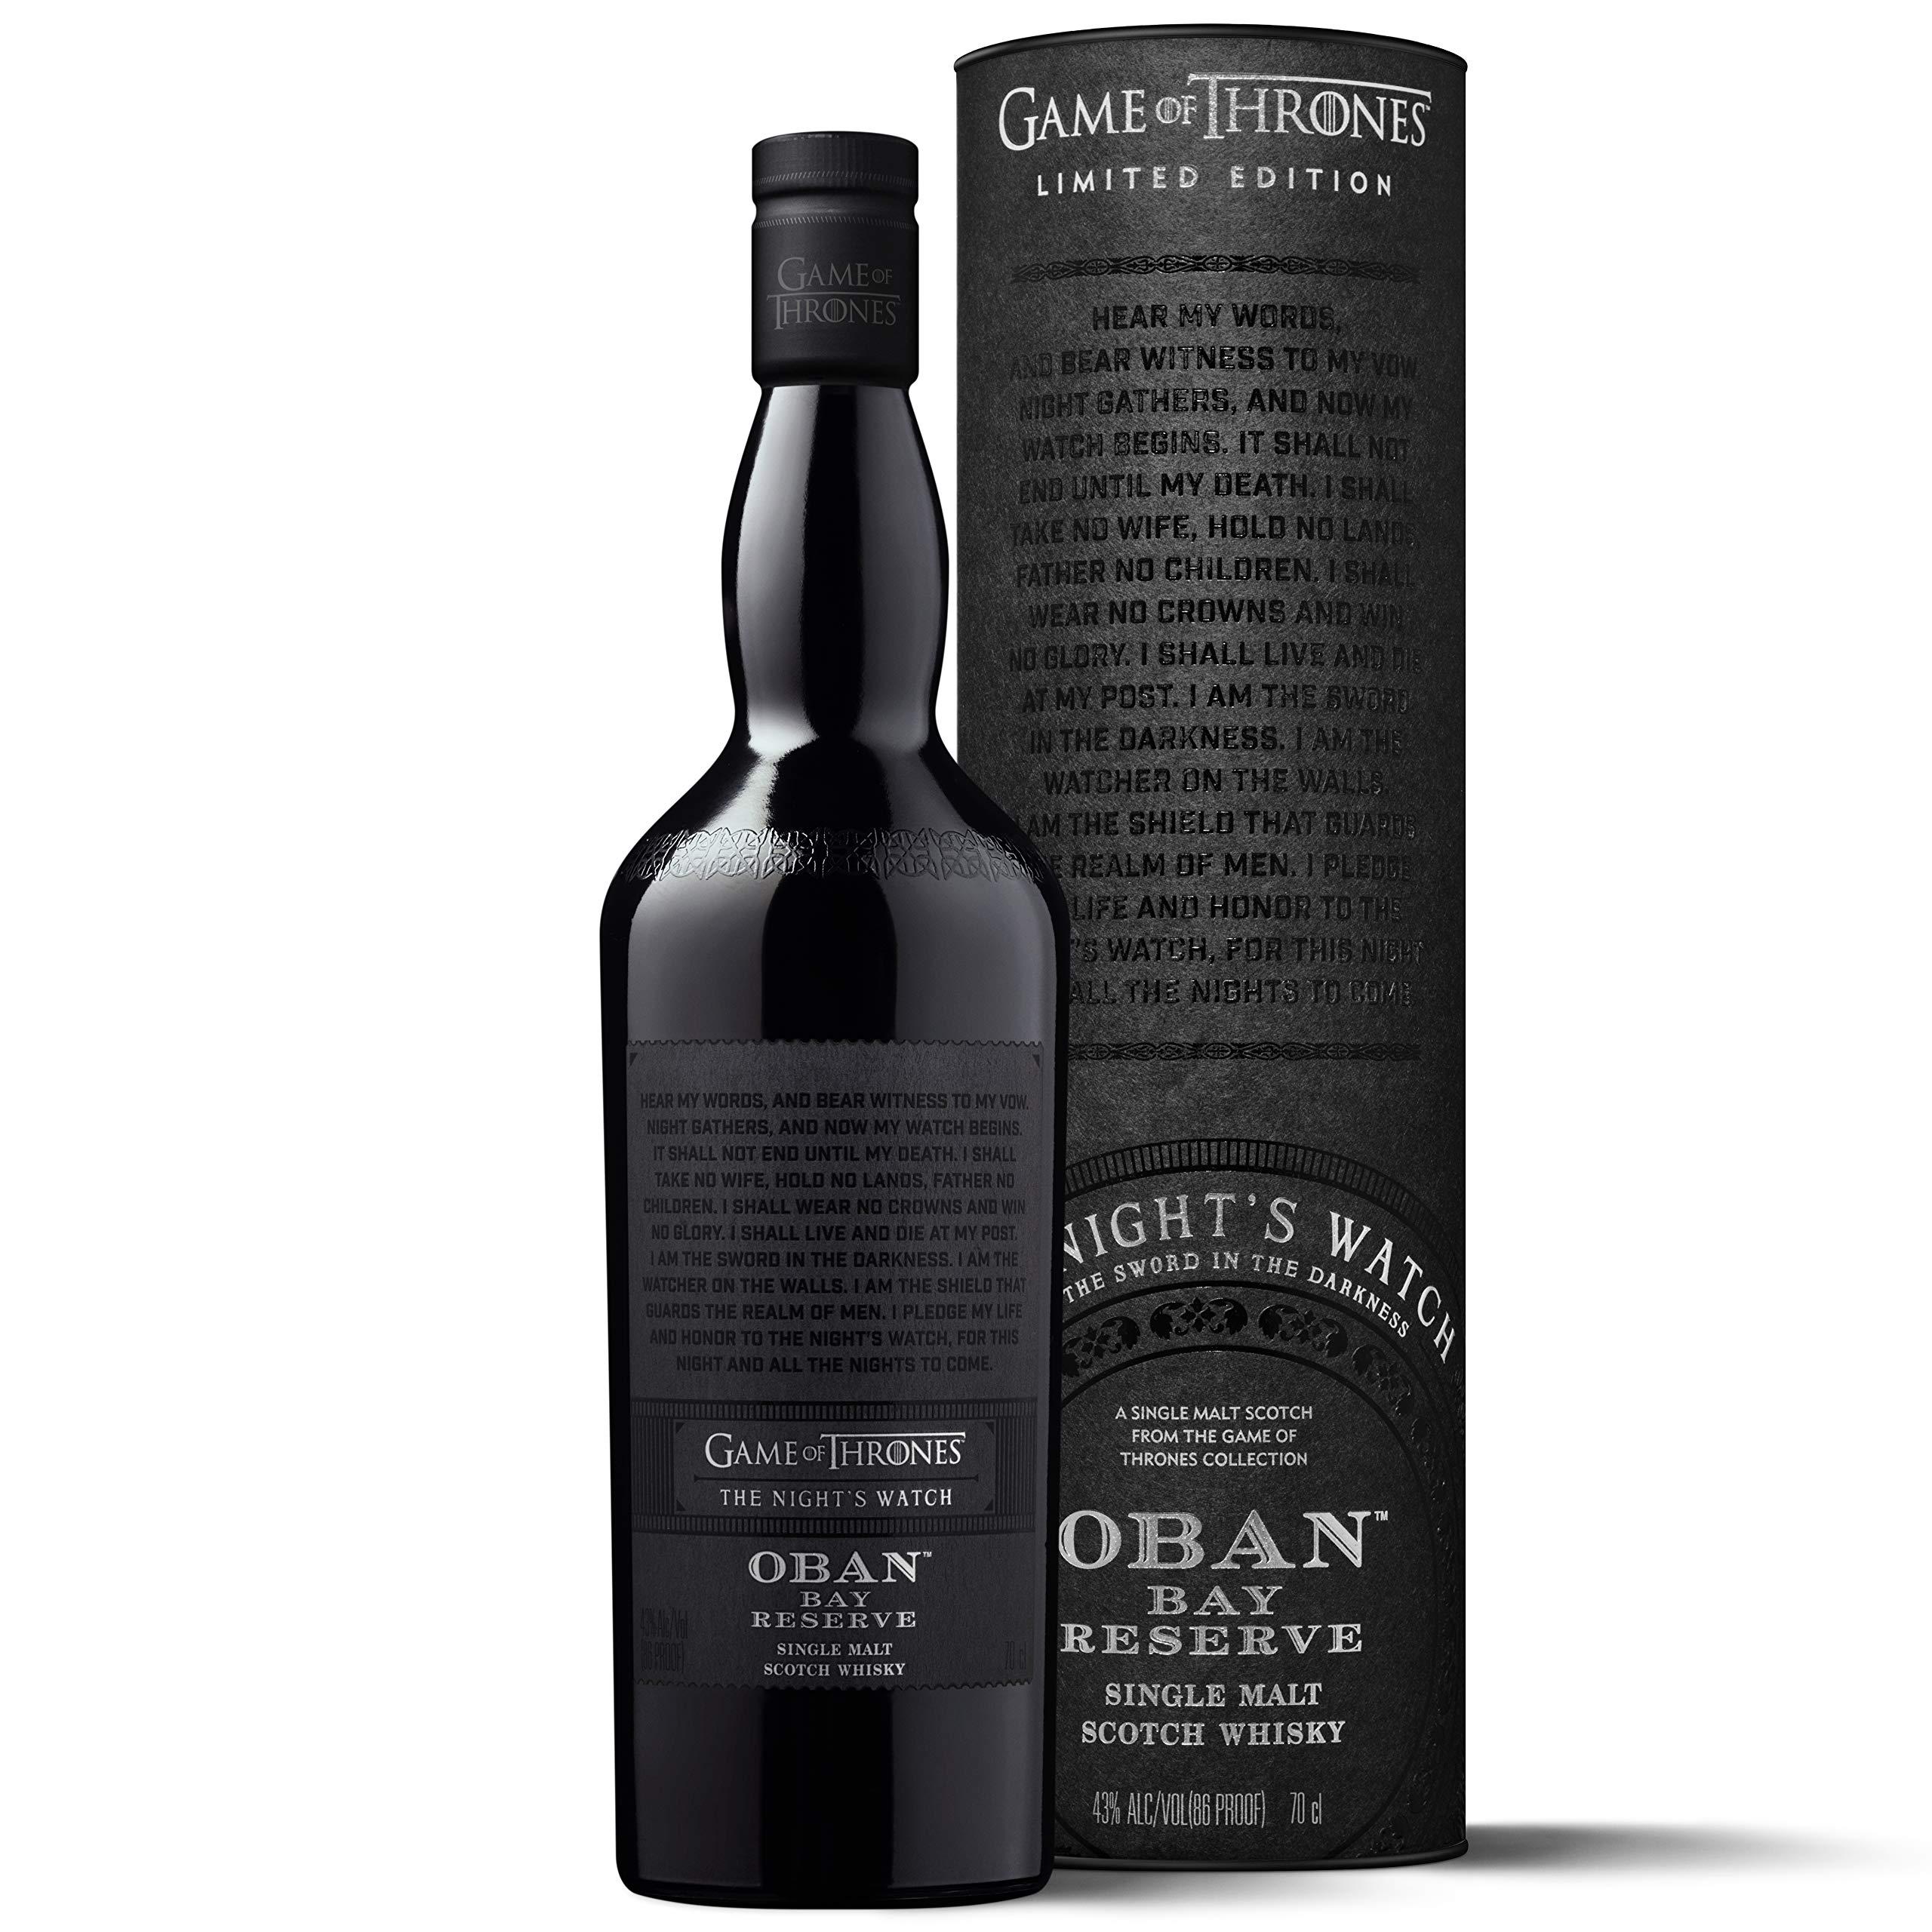 Oban-Little-Bay-Reserve-Single-Malt-Scotch-Whisky–Die-Nachtwache-Game-of-Thrones-Limitierte-Edition-1-x-07-l